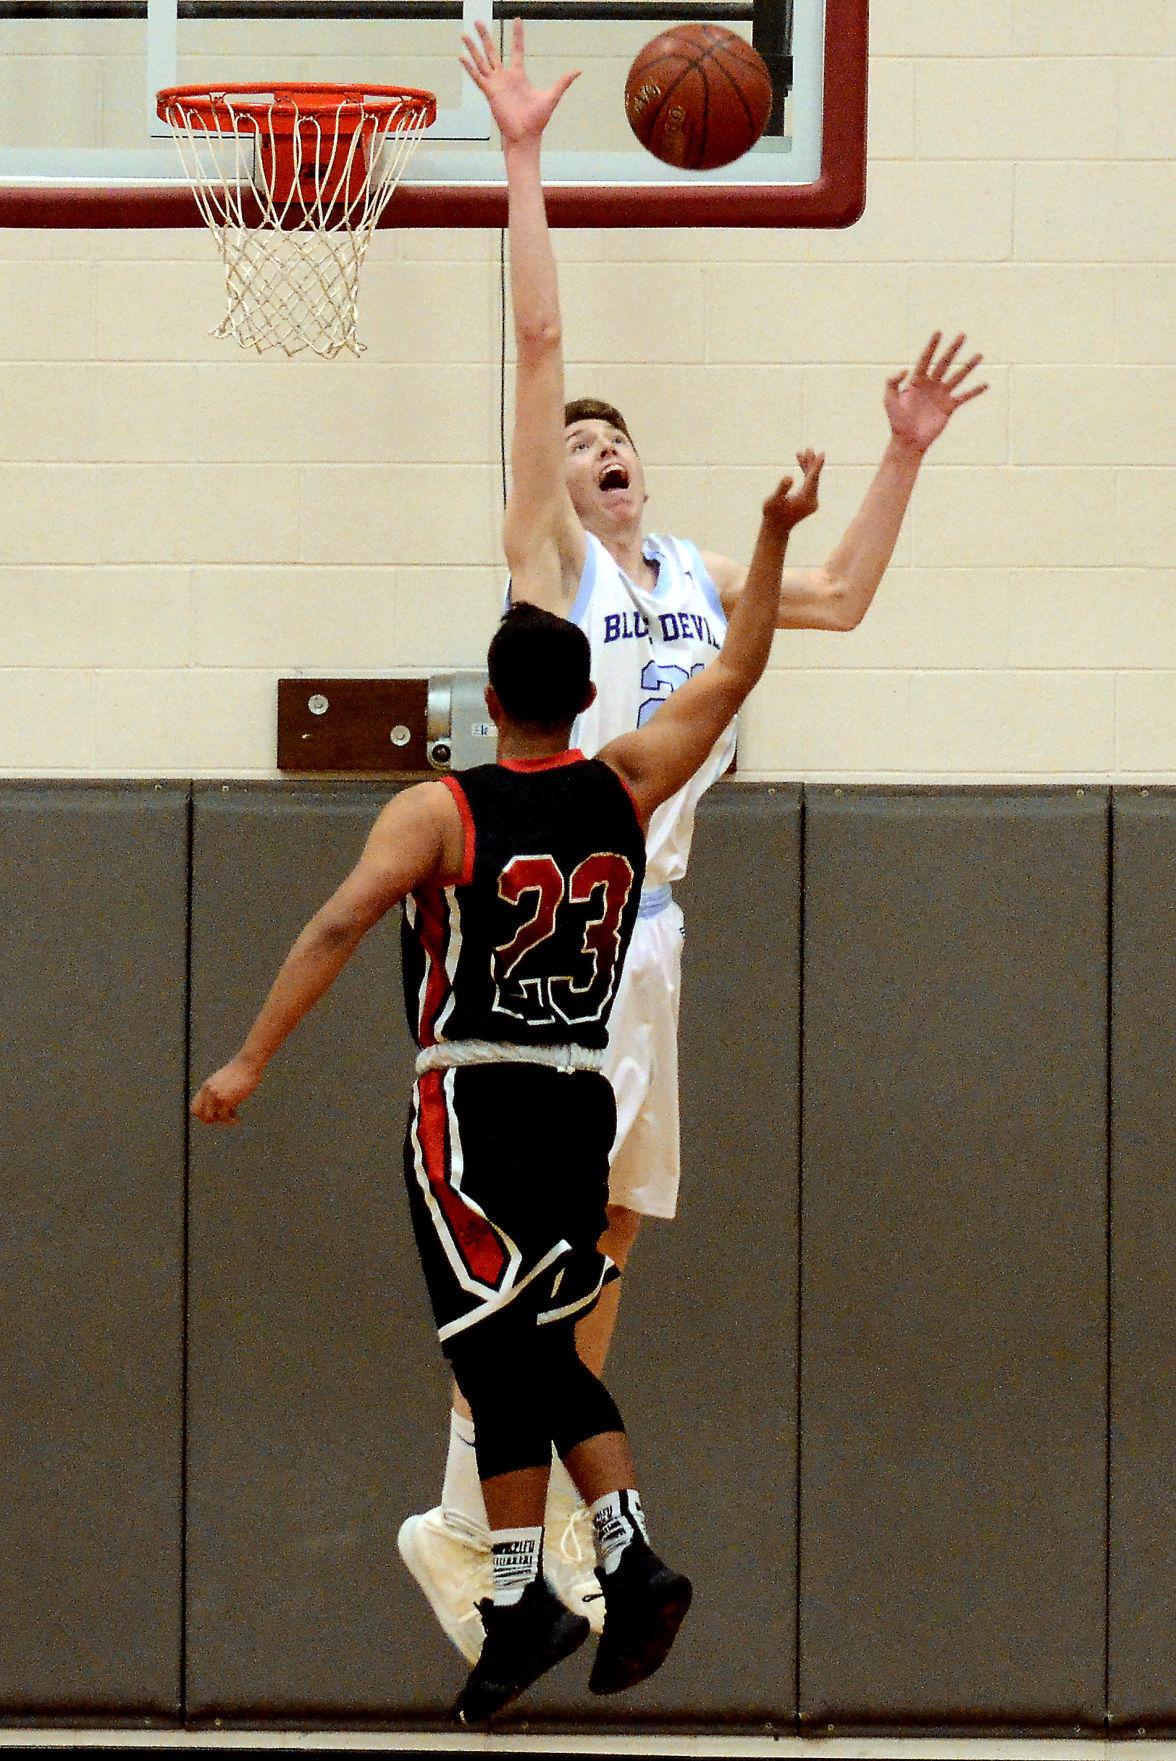 1A/2A Boys Basketball All-Stars